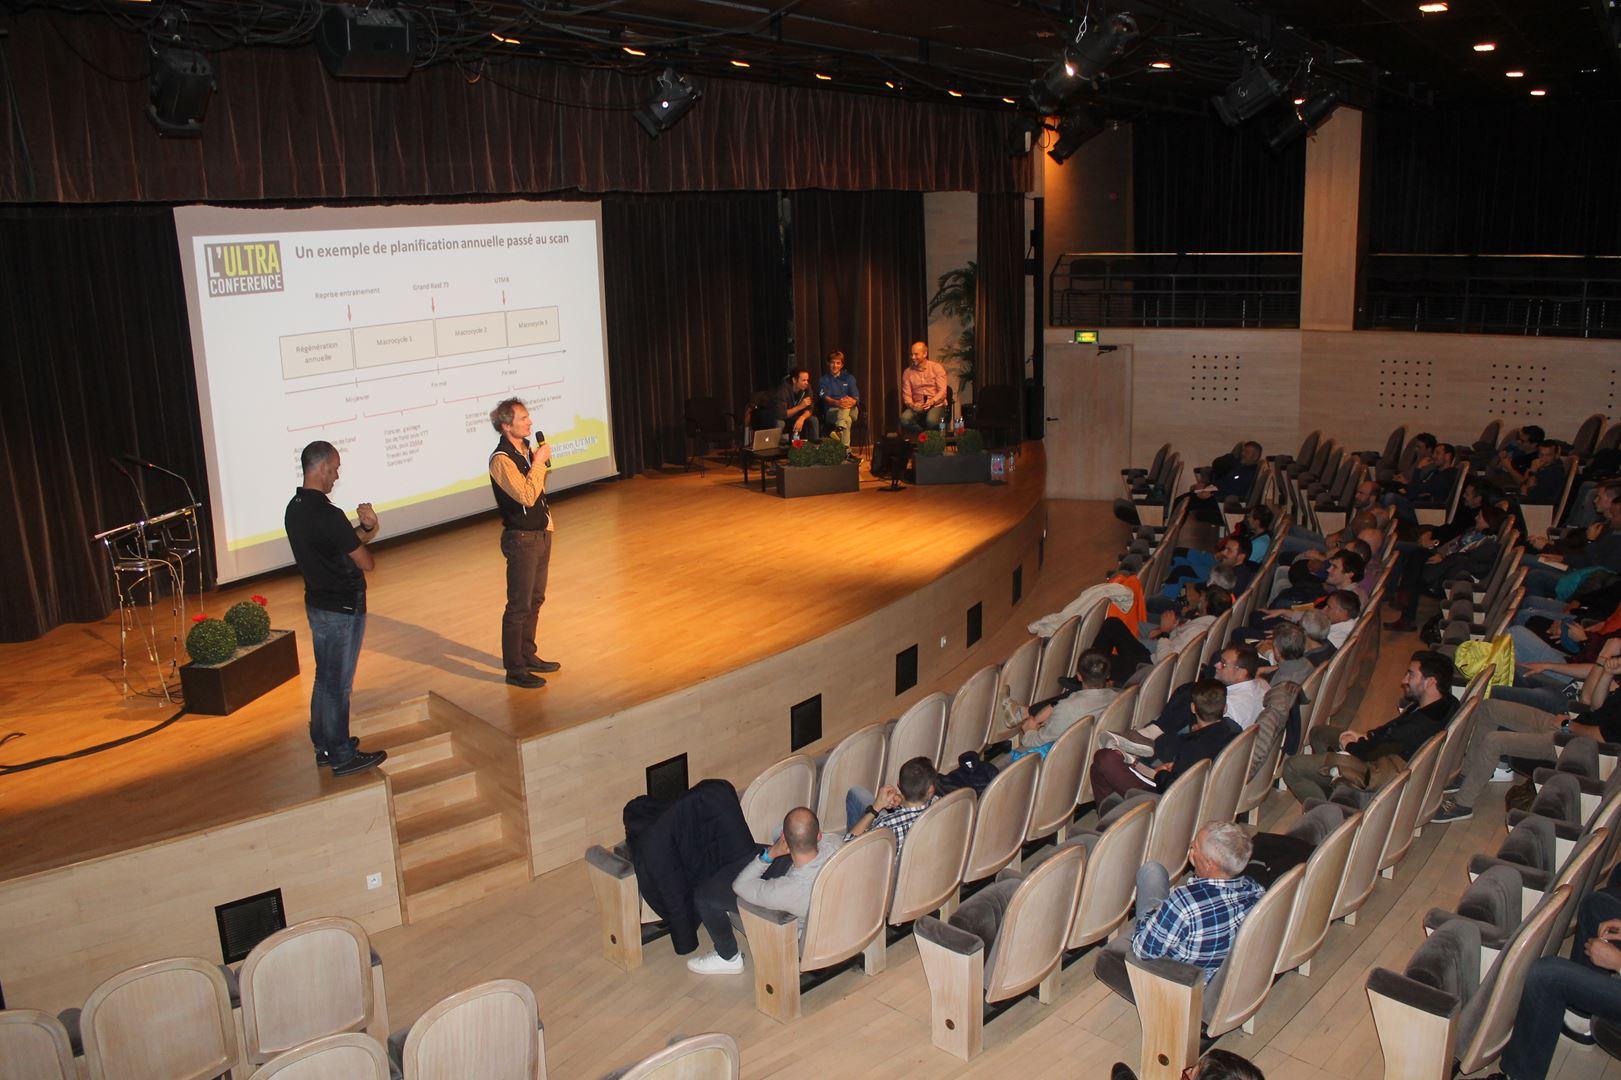 copie 0 IMG 0632 - REUSSIR SON UTMB ET SES ULTRAS (conférence qui s'est déroulée à Chambéry en décembre)